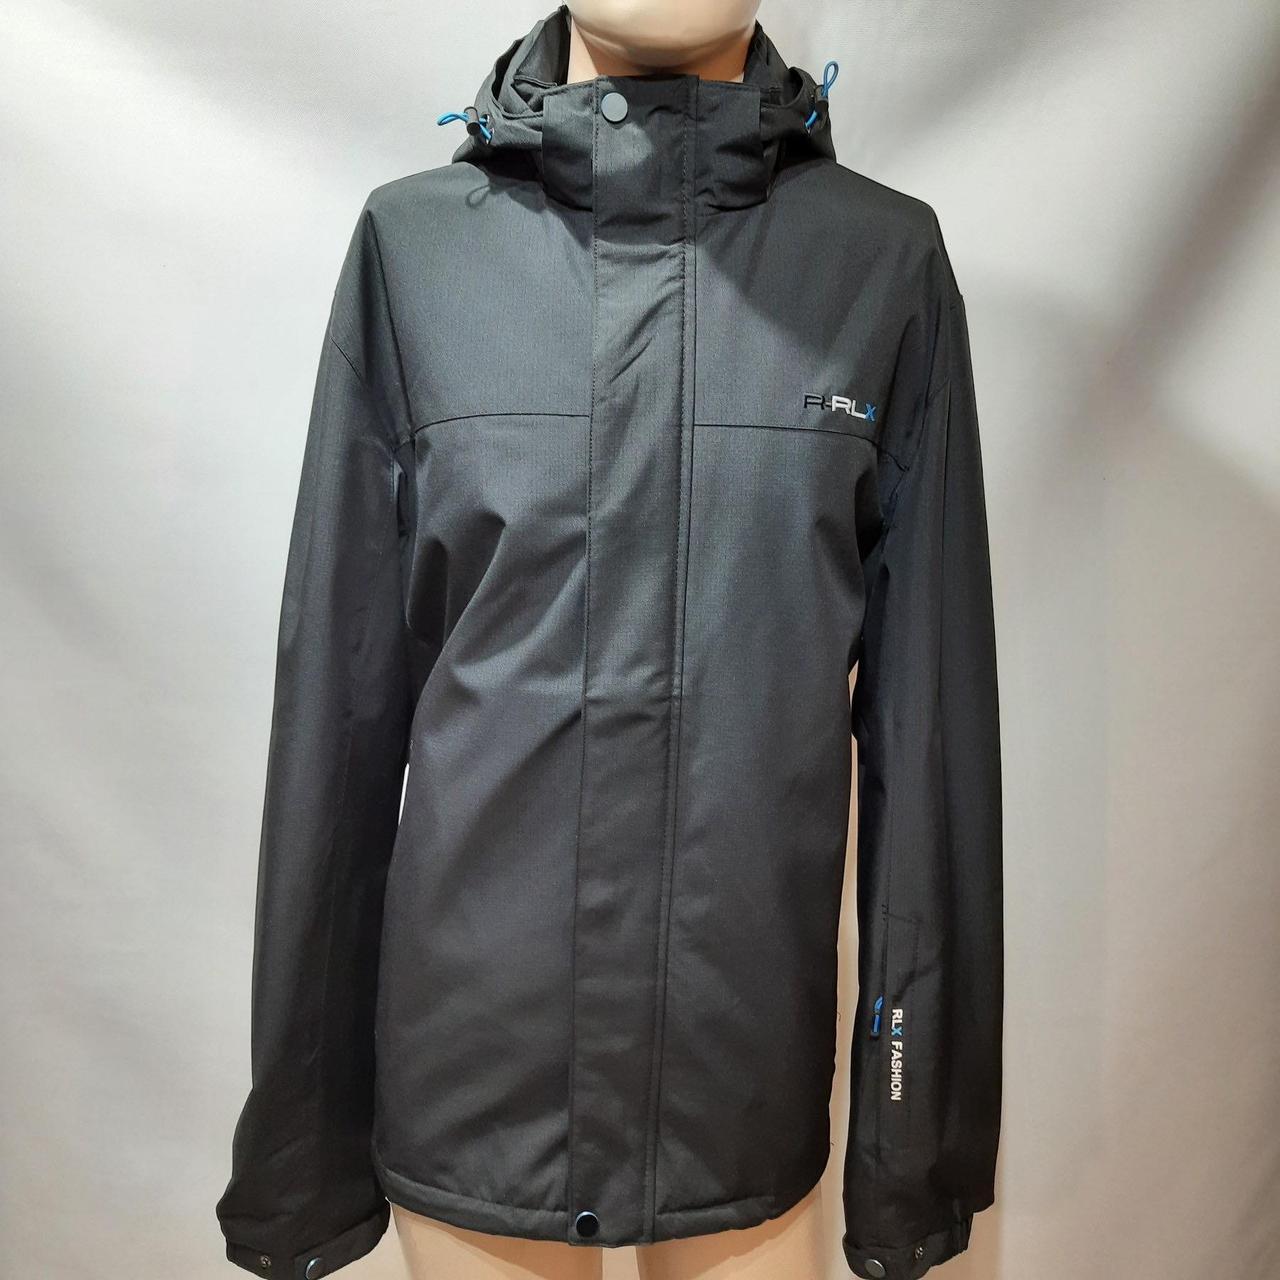 Мужская осенняя куртка р. 60,62,66,68 (Больших размеров) RLX с капюшоном черная